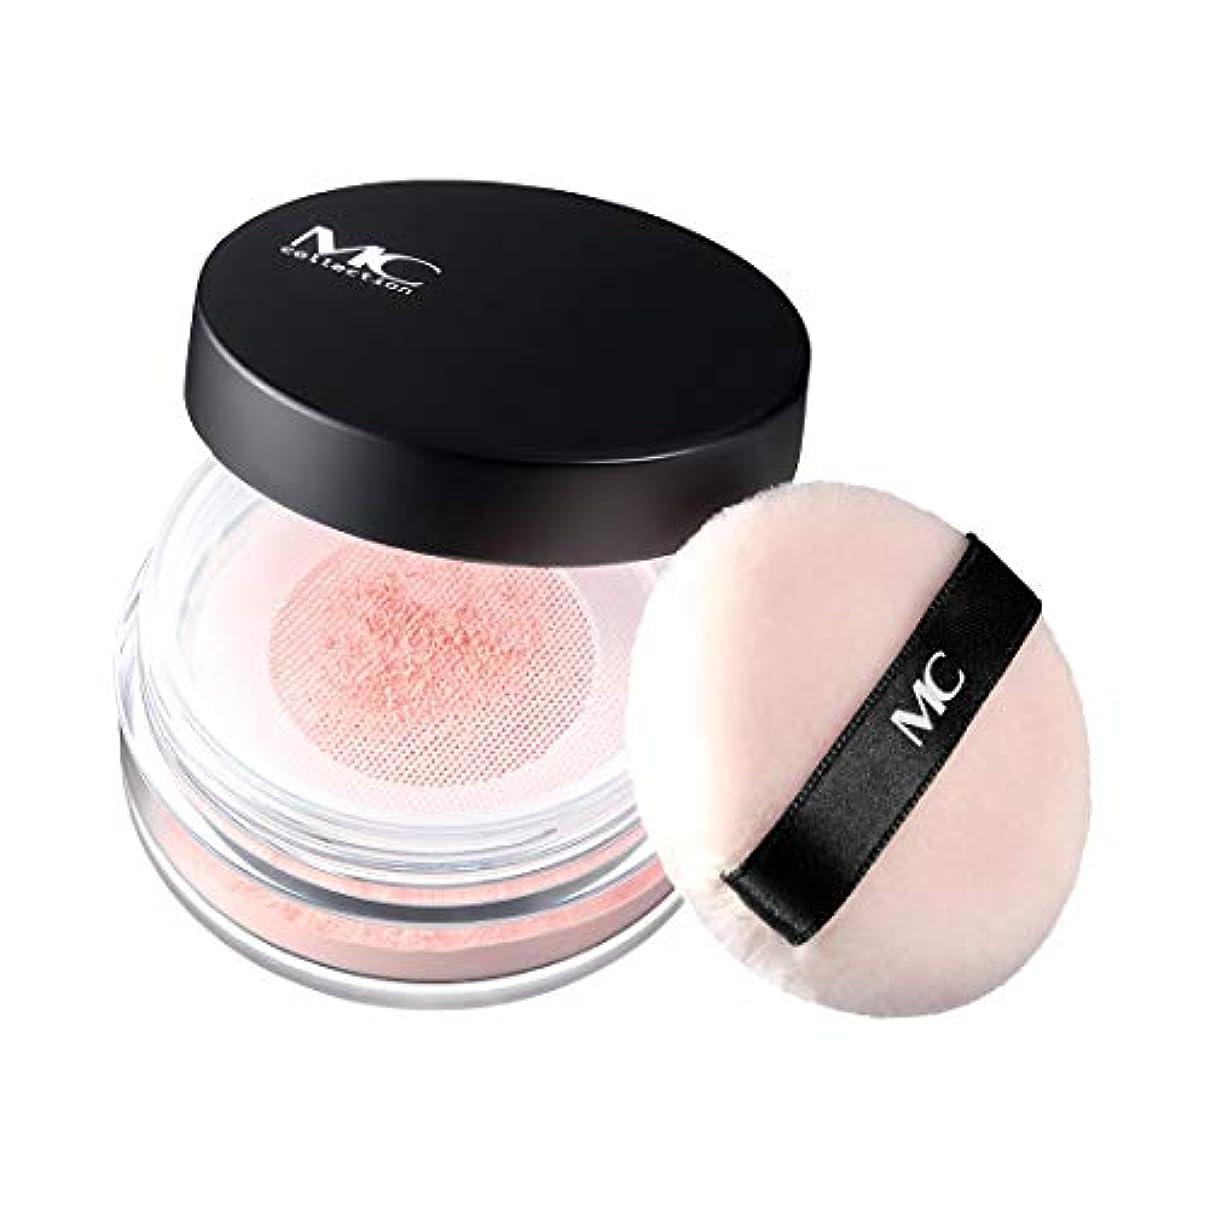 ルースパウダー LP37 ピンク (透明感 ツヤ 幹細胞 血色感 パール) 【MCコレクション】